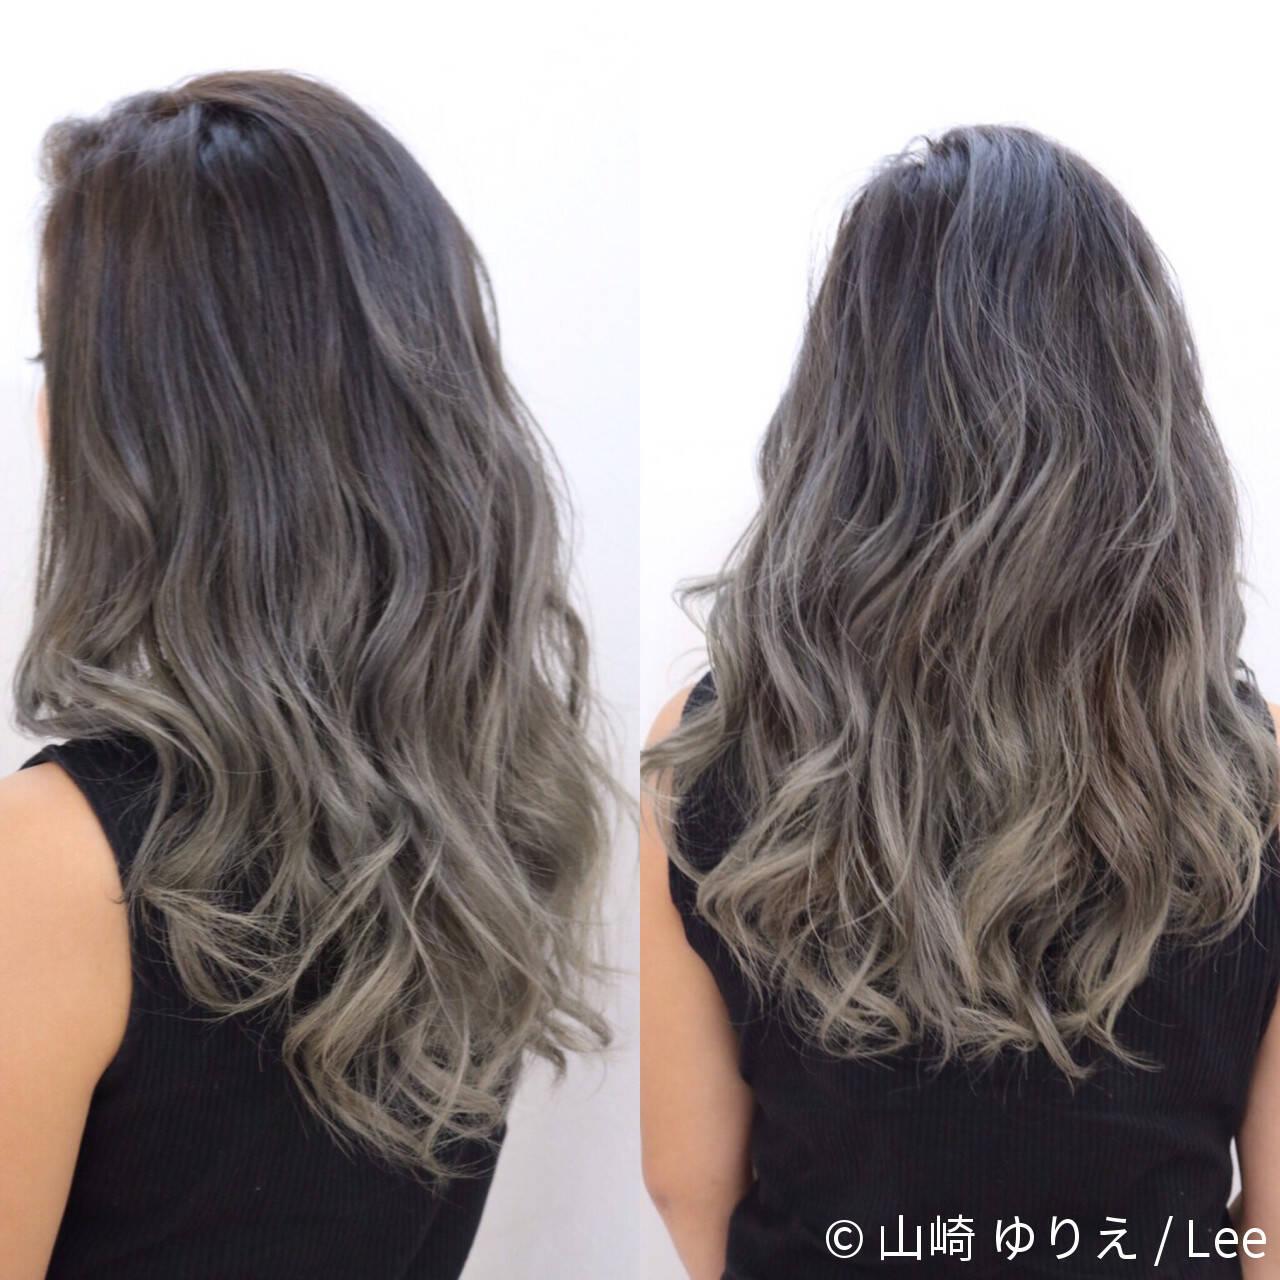 ハイライト ロング 暗髪 グラデーションカラーヘアスタイルや髪型の写真・画像